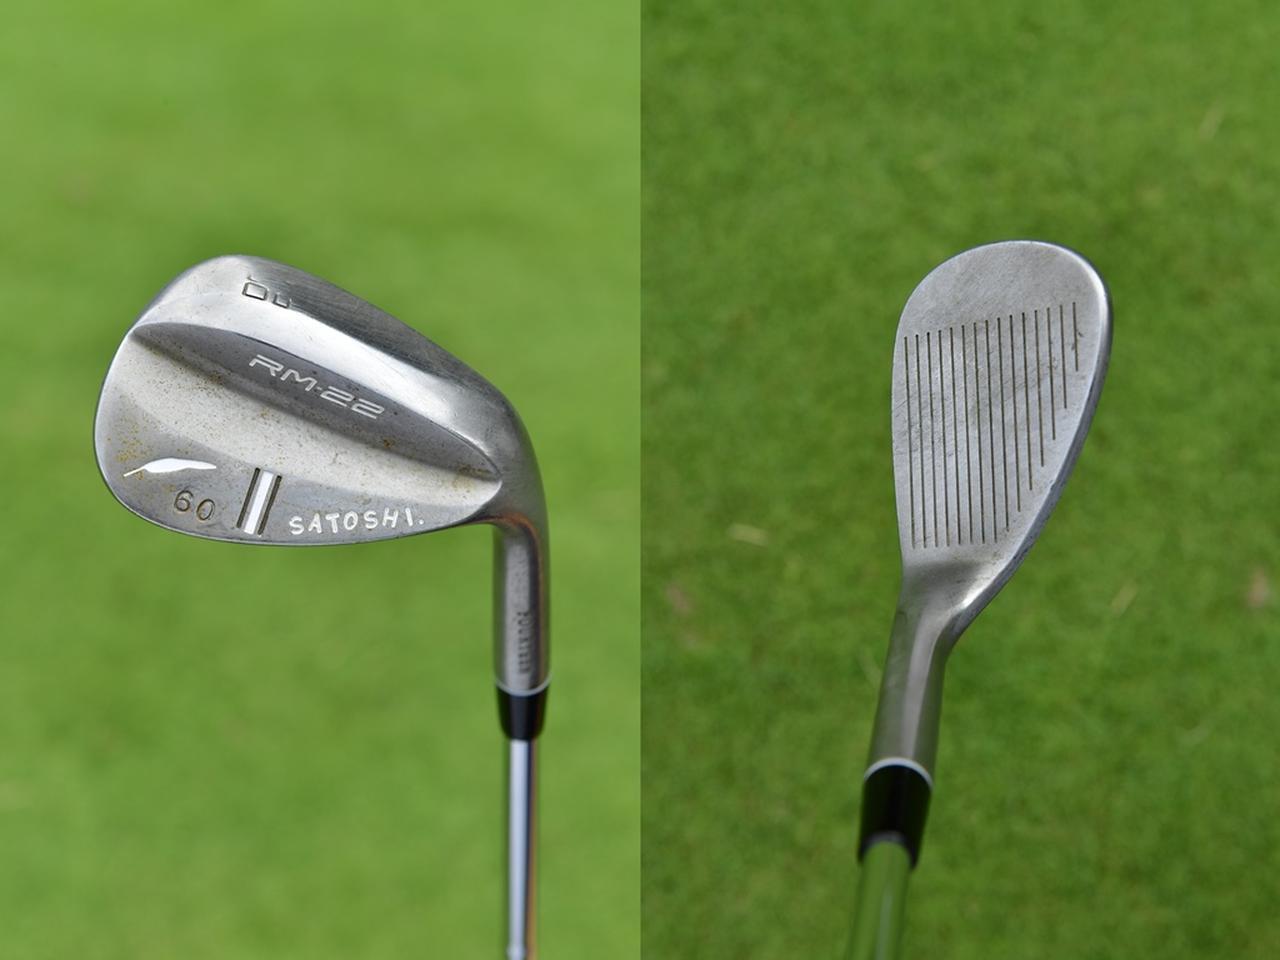 画像: フォーティーンRM-22 バウンスは13度と大きめ。(写真左)トウとヒール方向にも丸みのあるソールを平らに削ることで跳ね方や抜け方が安定する(写真右)